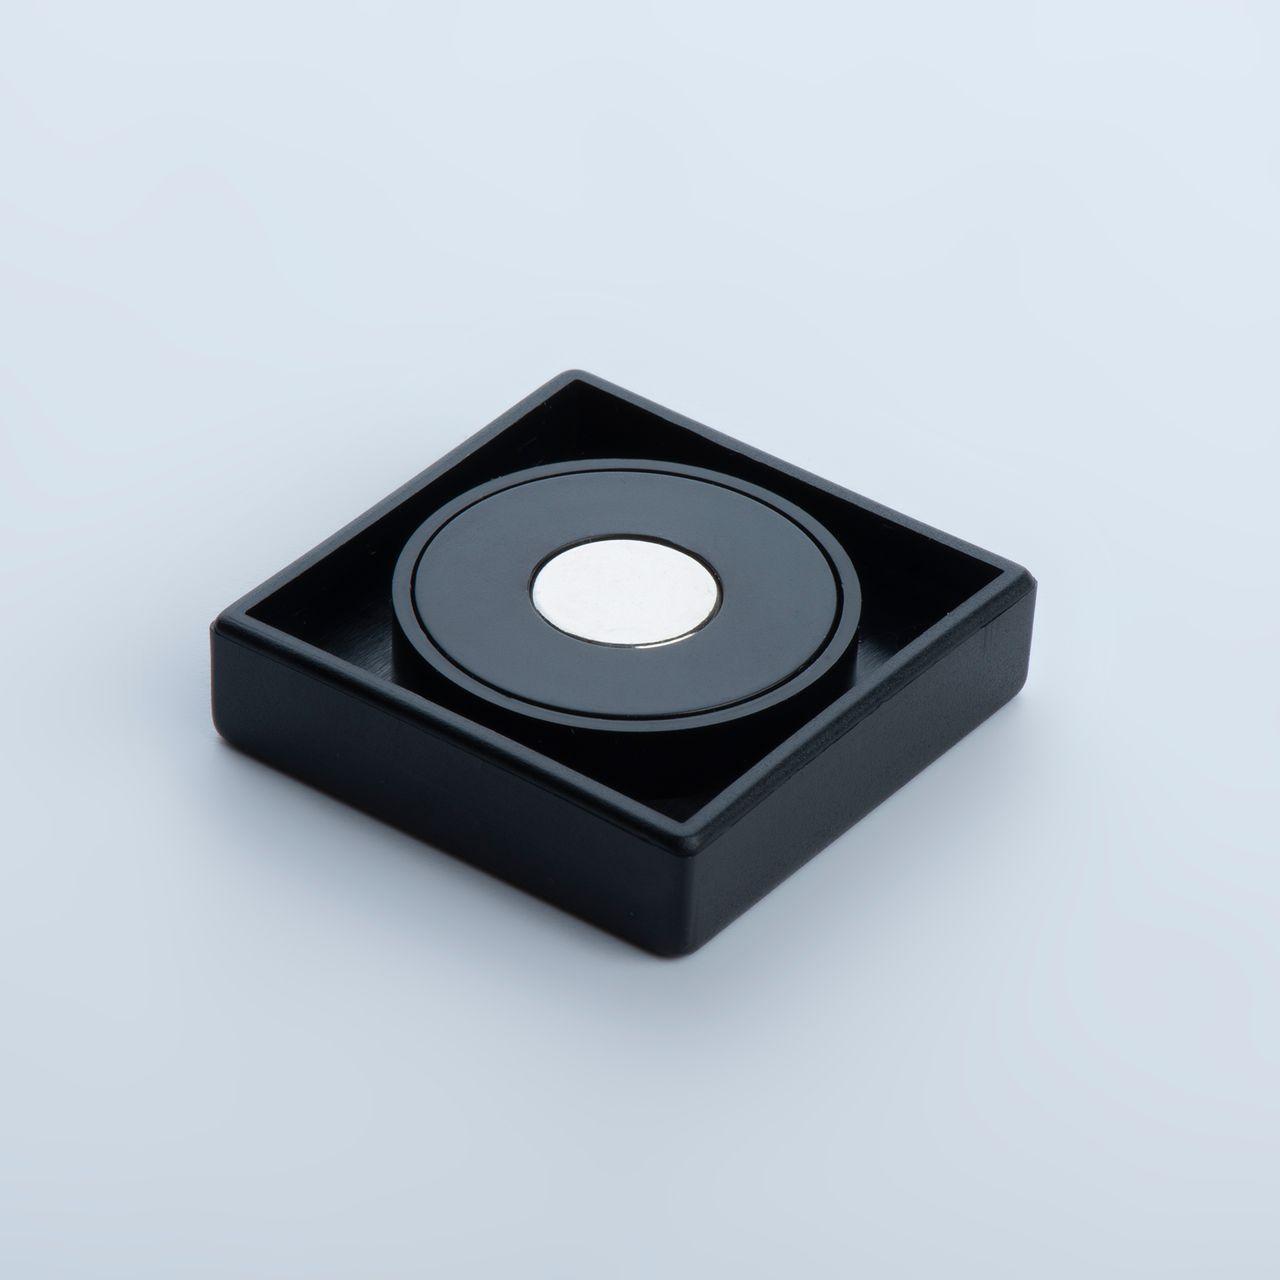 Organisationsmagnet aus Neodym mit quadratischem Kunststoffgehäuse, verschiedene Farben, thyssenkrupp Magnettechnik